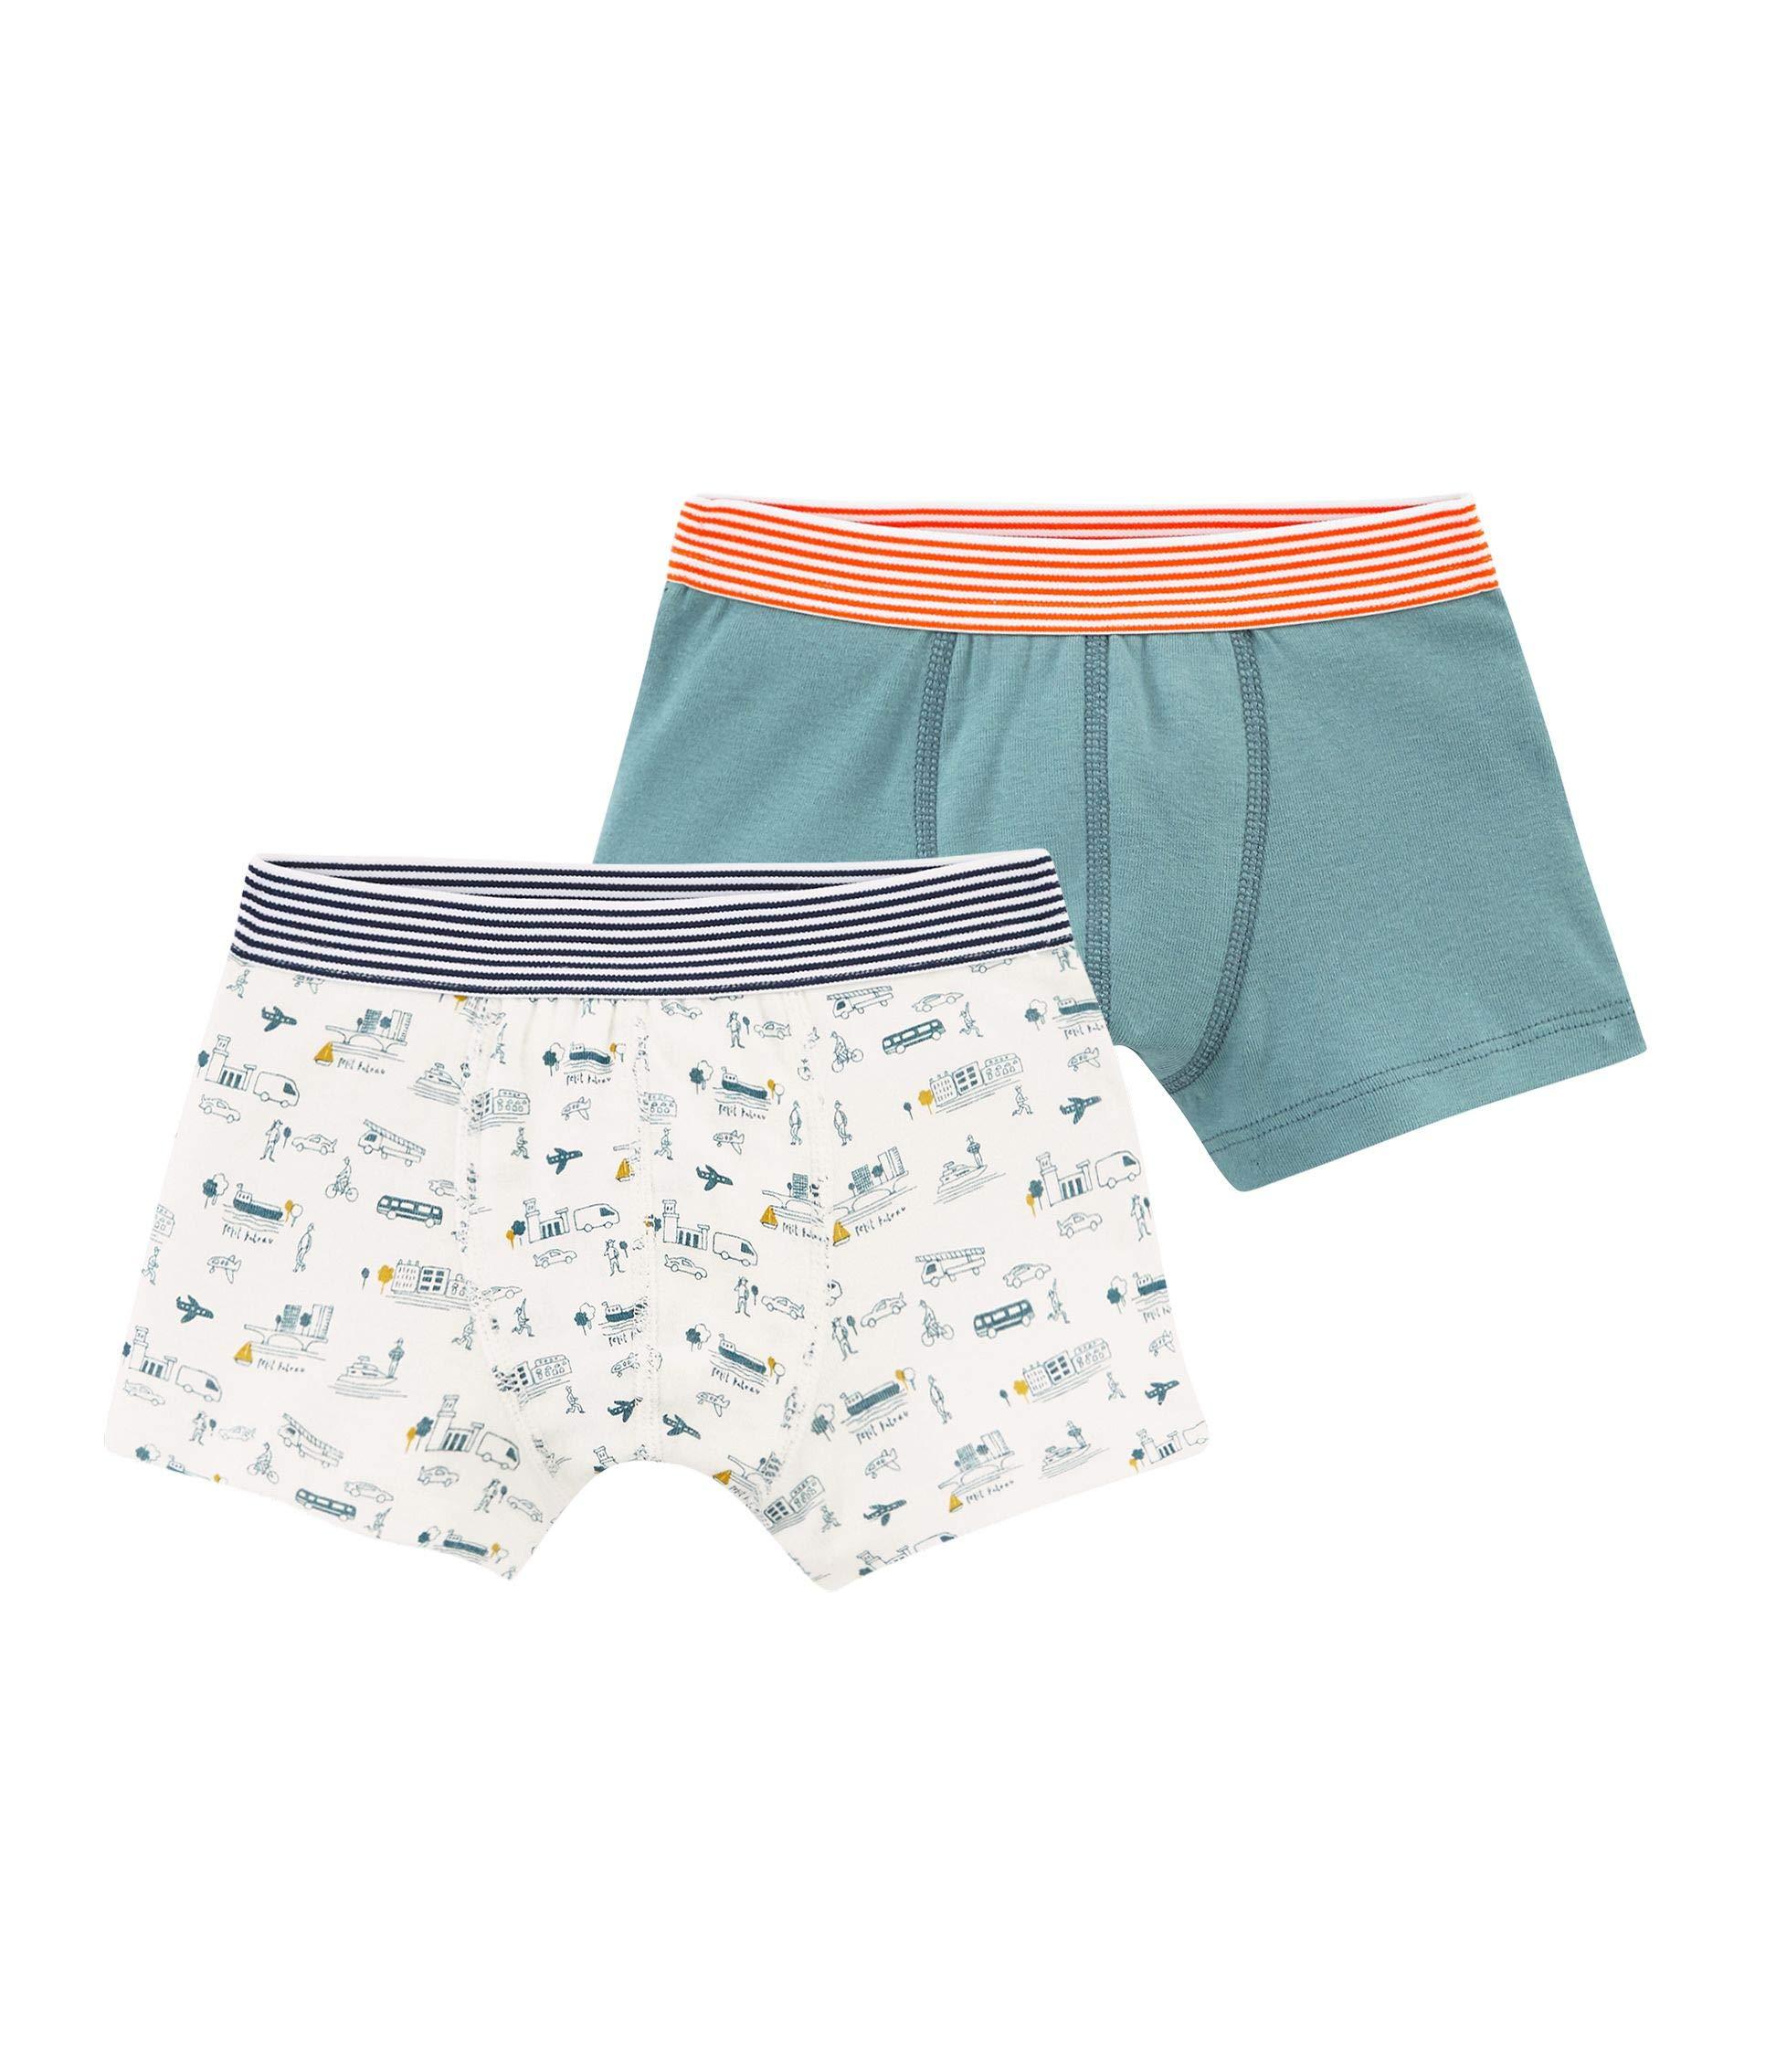 Petit Bateau Boy's Boxer Shorts - Set of 2 Sizes 2-12 Style 48087 (Size 8 Style 48087 Boys)